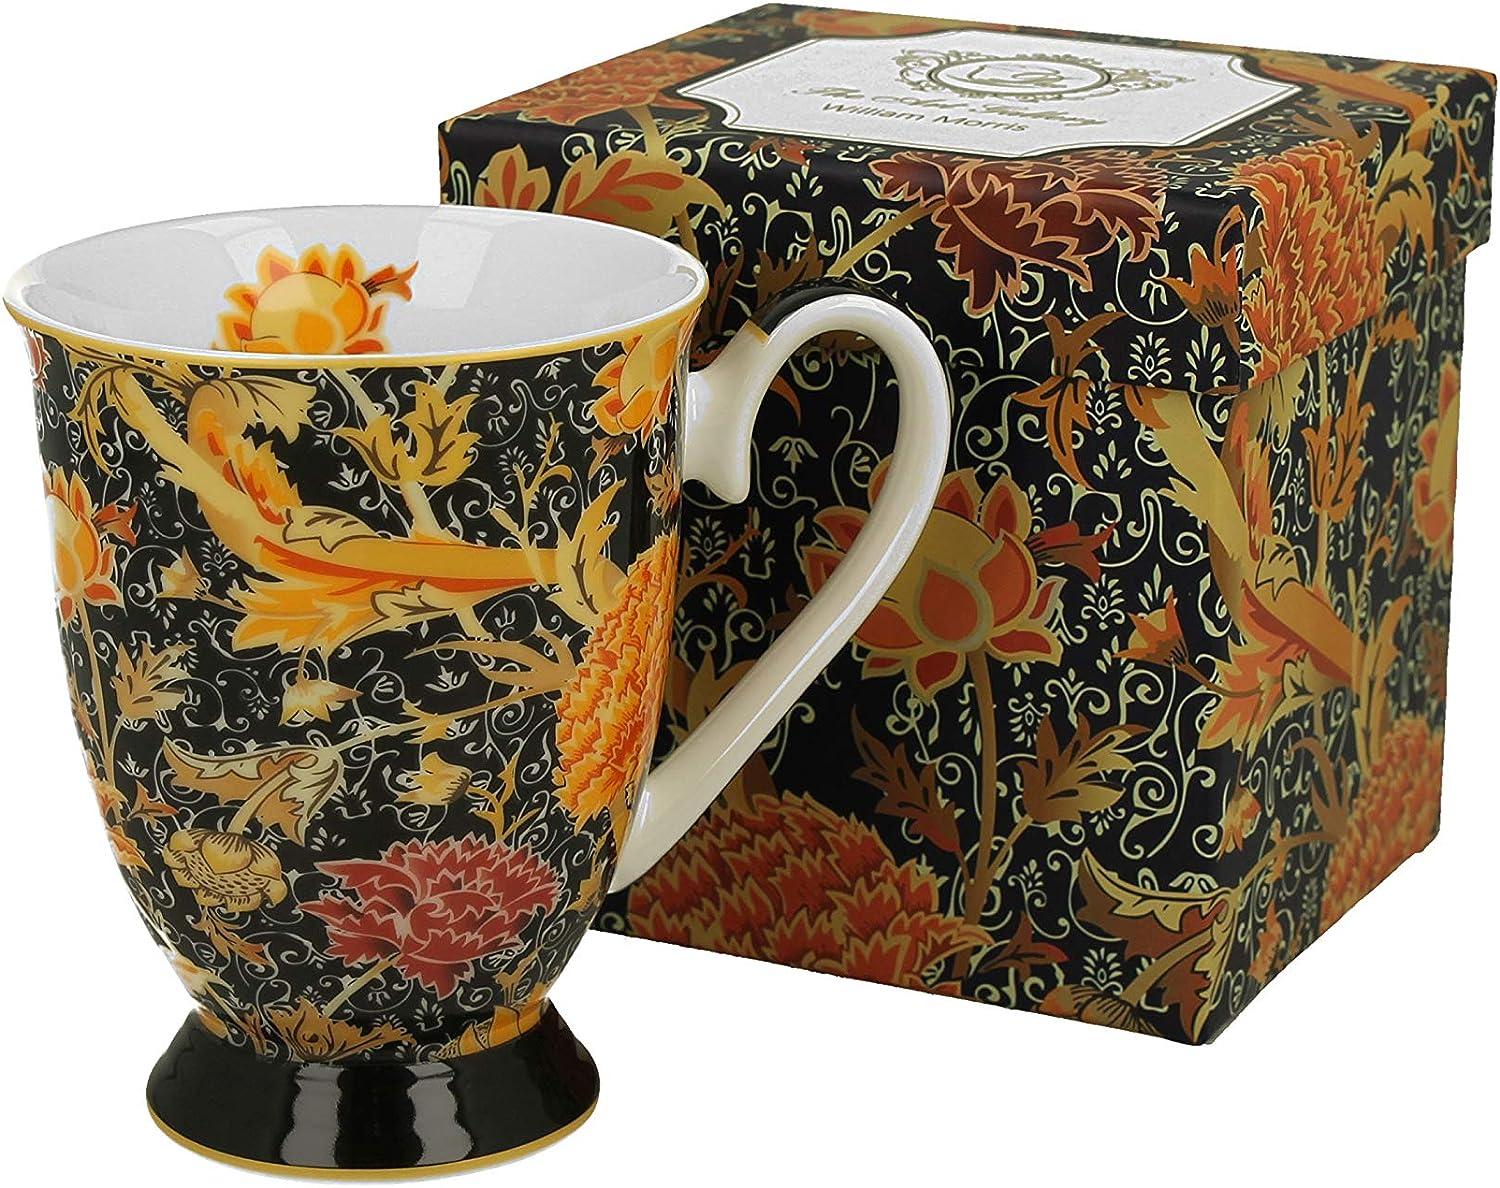 Taza y platillo Cray Floral de porcelana china de New Bone China en caja de regalo taza de t/é Duo Colecci/ón Art Gallery by William Morris capacidad 240 ml taza de caf/é